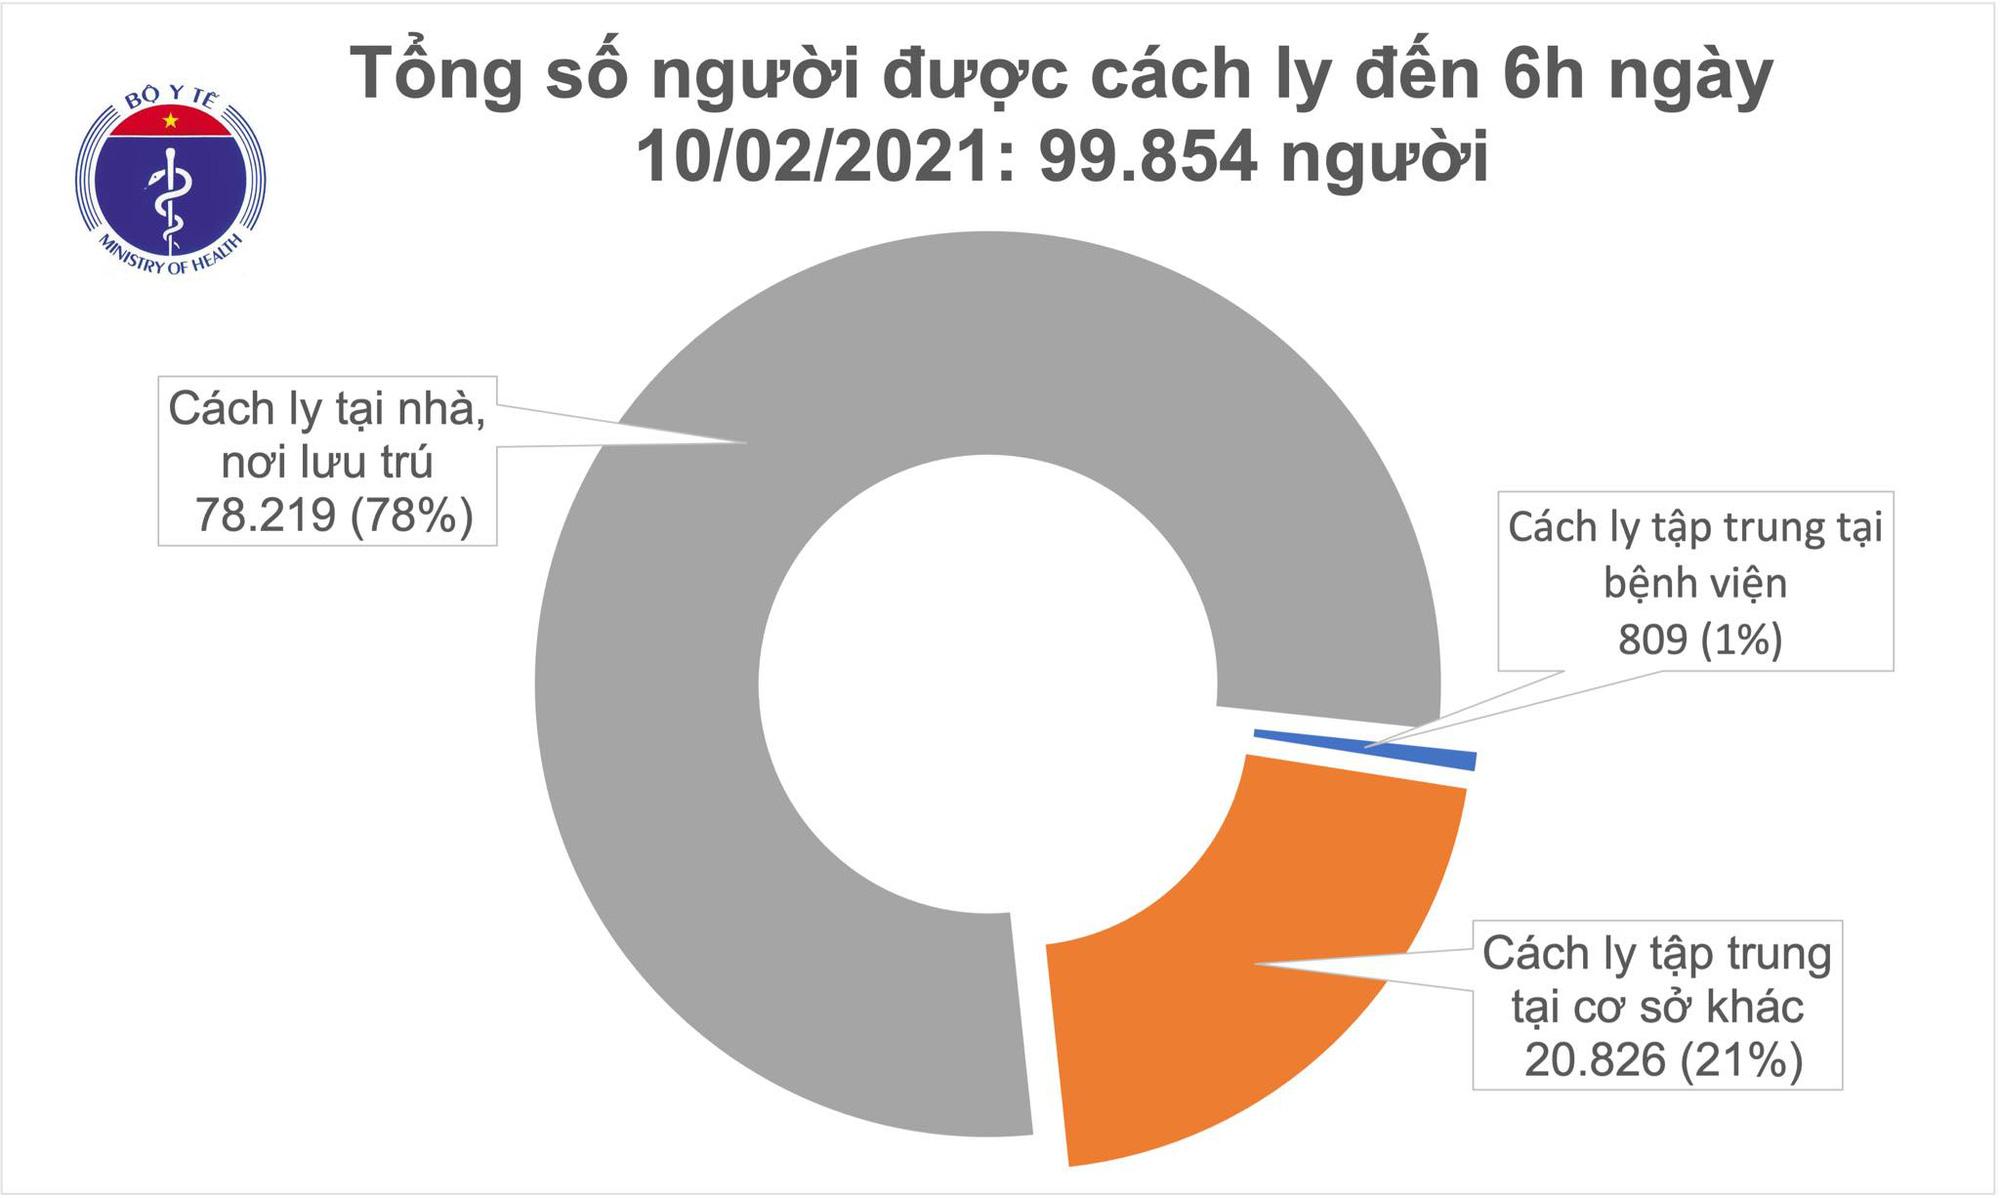 Sáng 29 Tết, Việt Nam có 1 ca mắc COVID-19 trong cộng đồng, gần 100.000 người cách ly chống dịch - Ảnh 2.